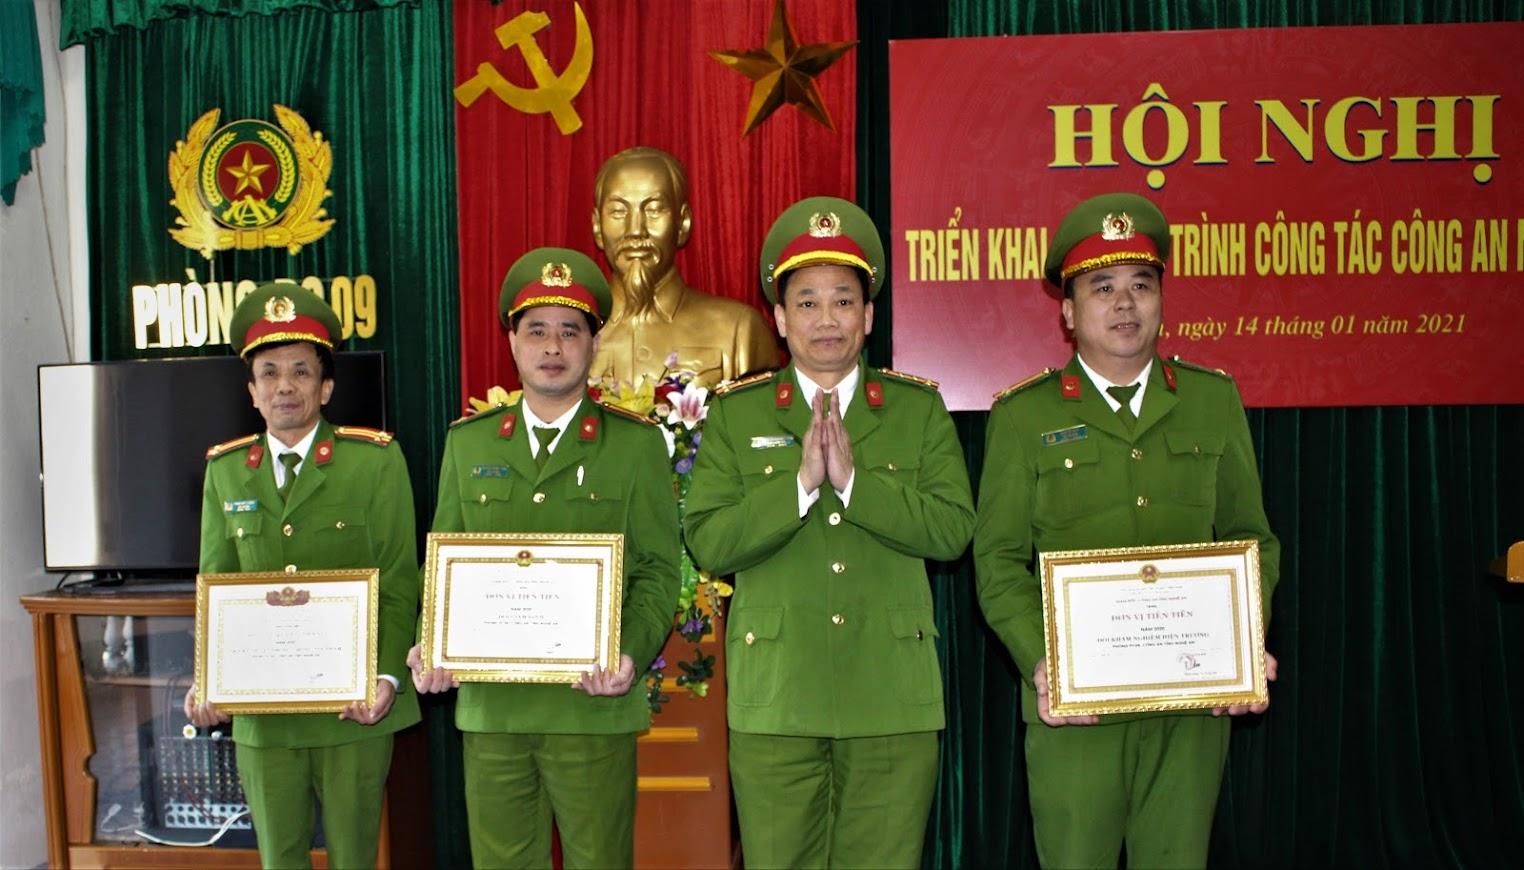 Đại tá Nguyễn Mạnh Hùng, Phó Giám đốc Công an tỉnh trao tặng danh hiệu Đơn vị Quyết thắng, Đơn vị tiên tiến